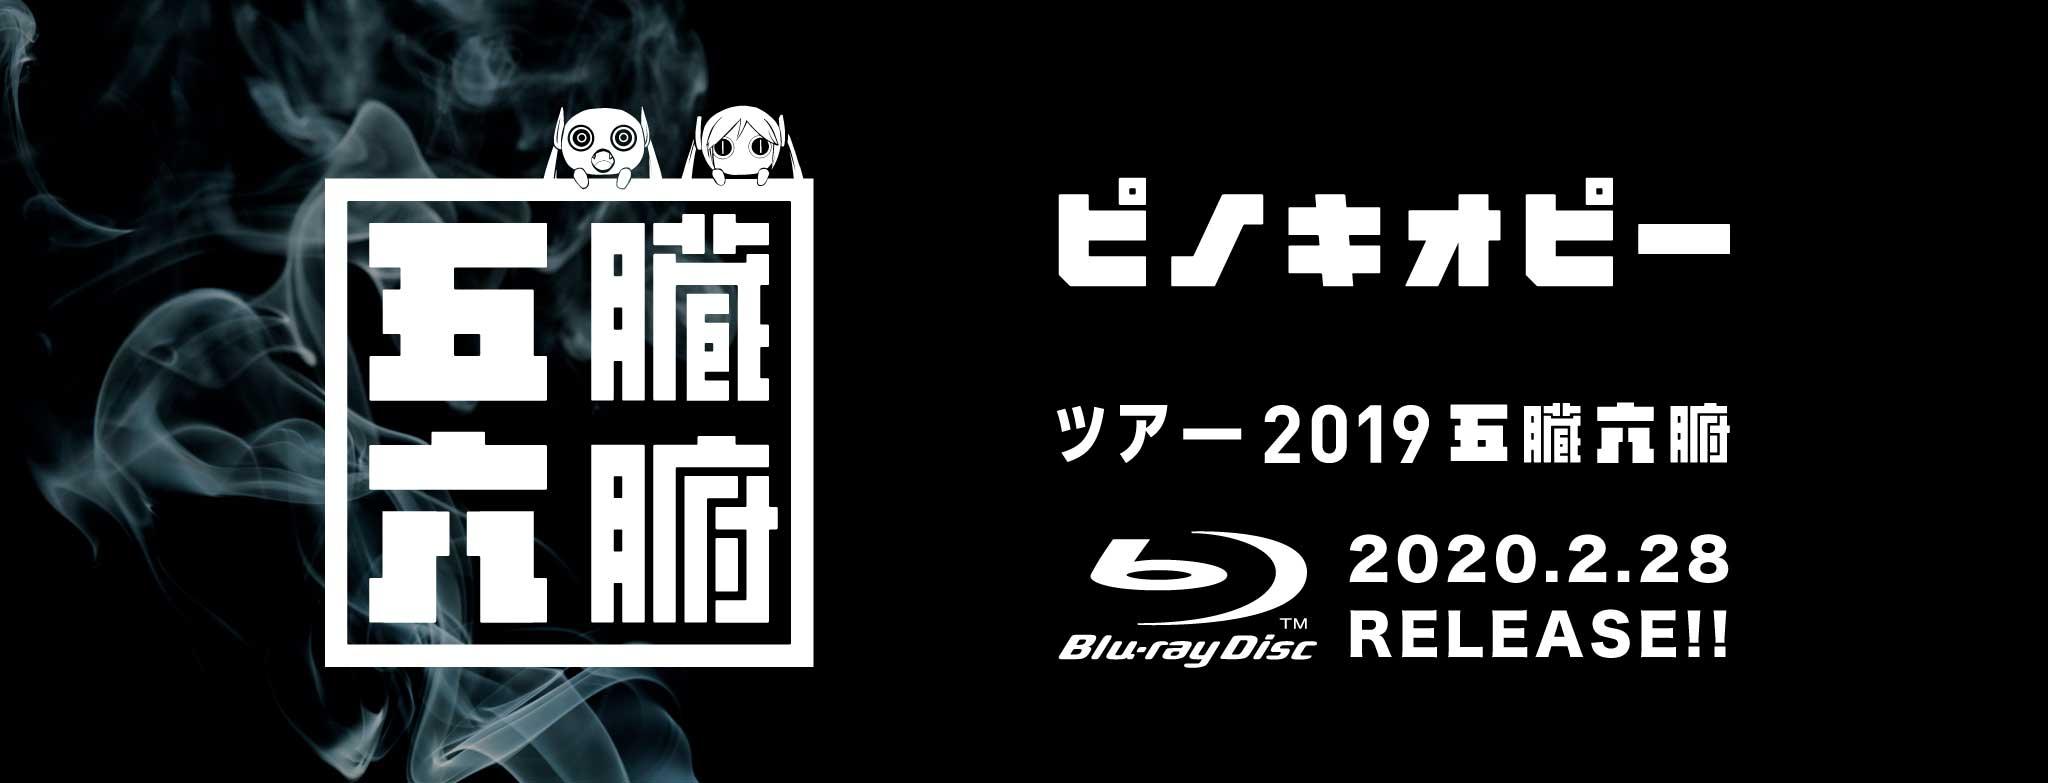 2020.2.28 ピノキオピー2019ツアー五臓六腑Blu-ray RELEASE!!